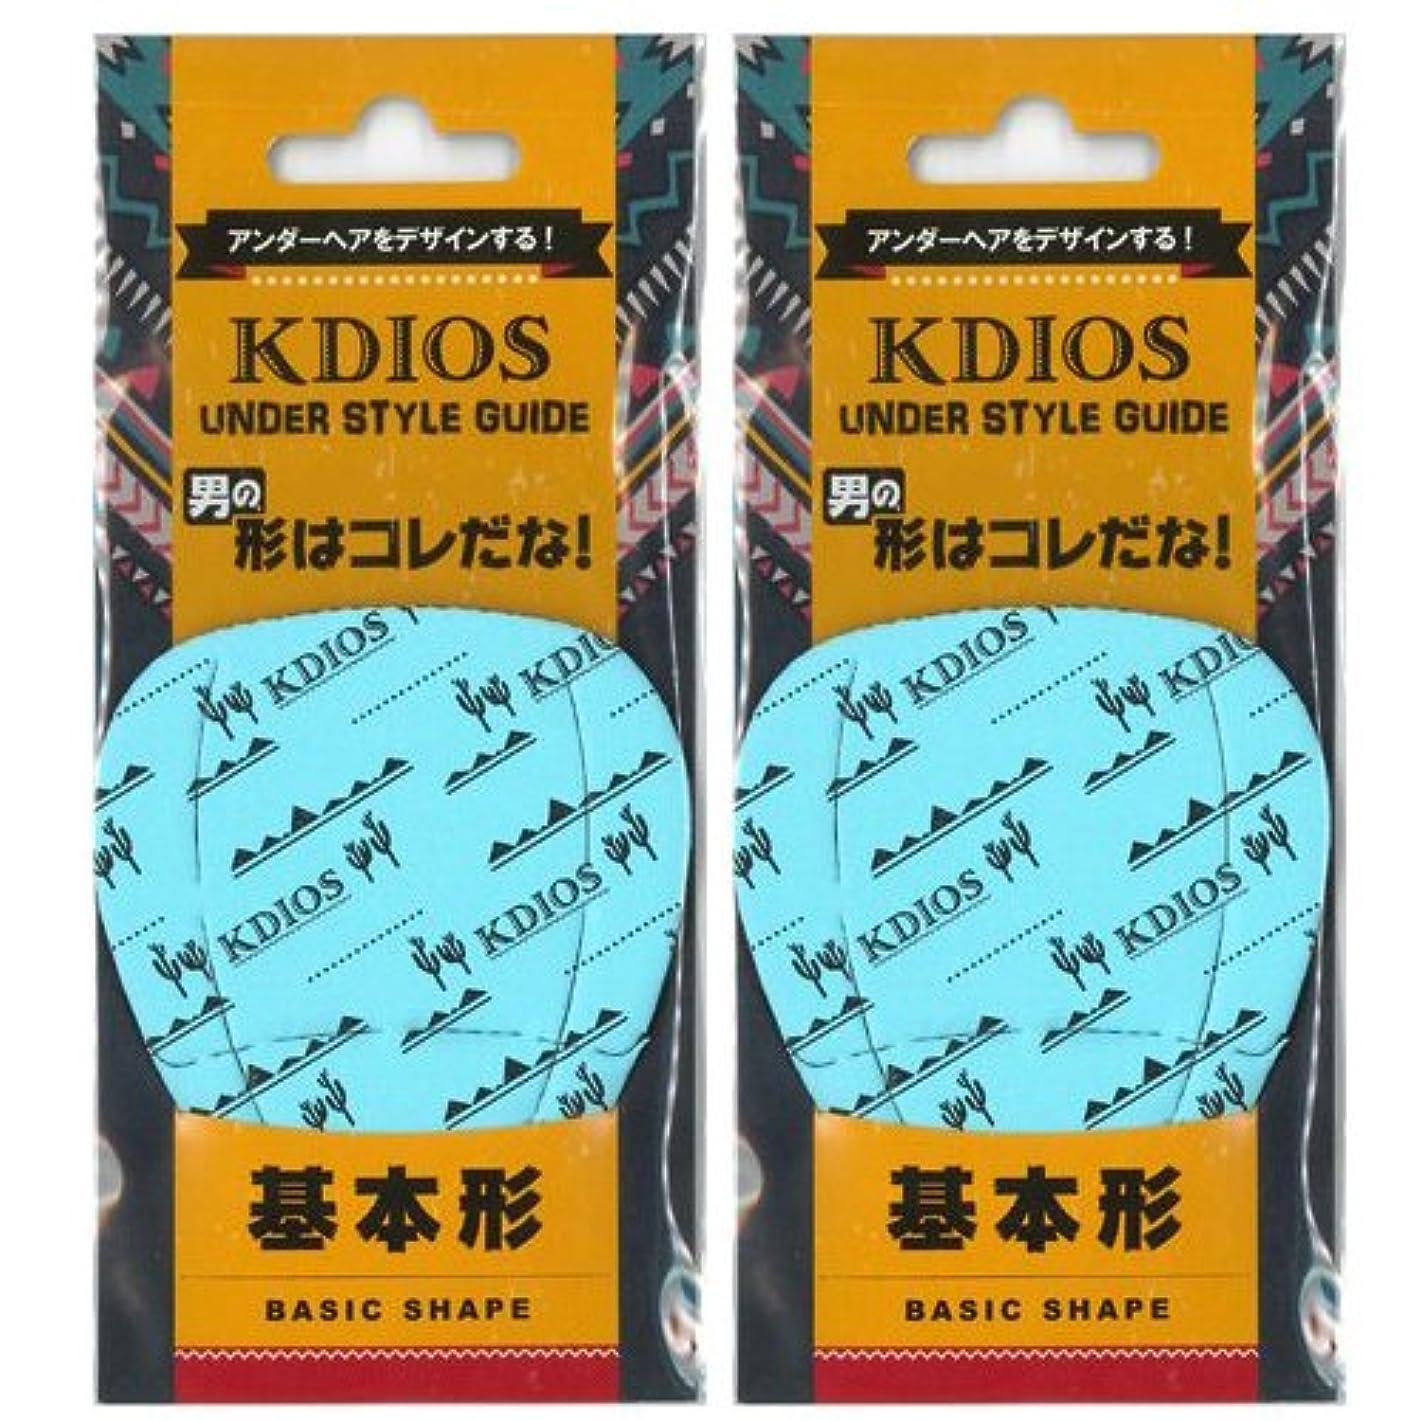 有名な愛情深い消えるKDIOS(ケディオス) アンダースタイルガイド 「基本形」 FOR MEN ×2個セット